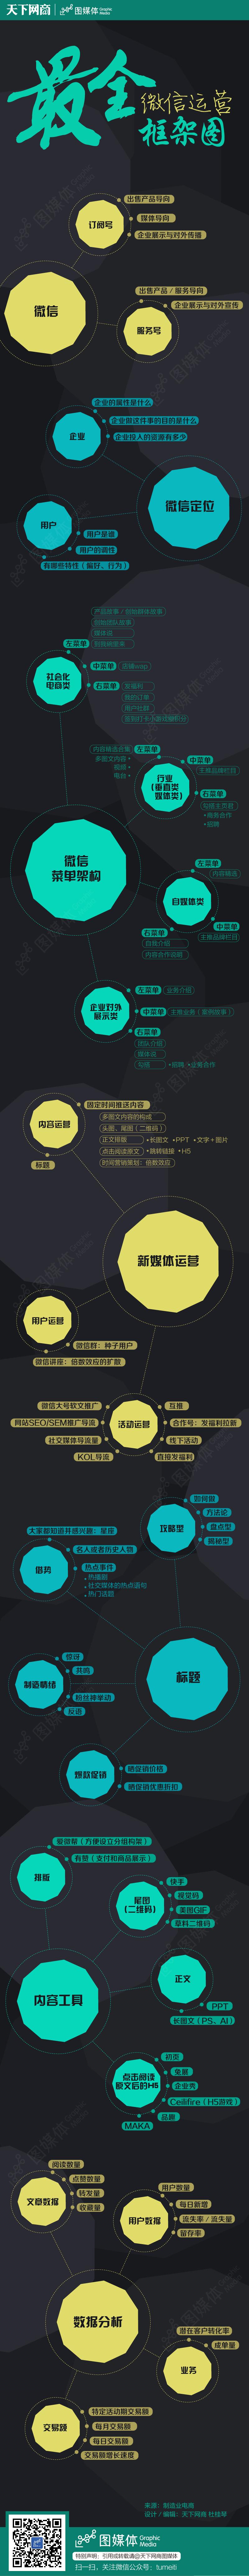 936-最全微信运营框架图-01